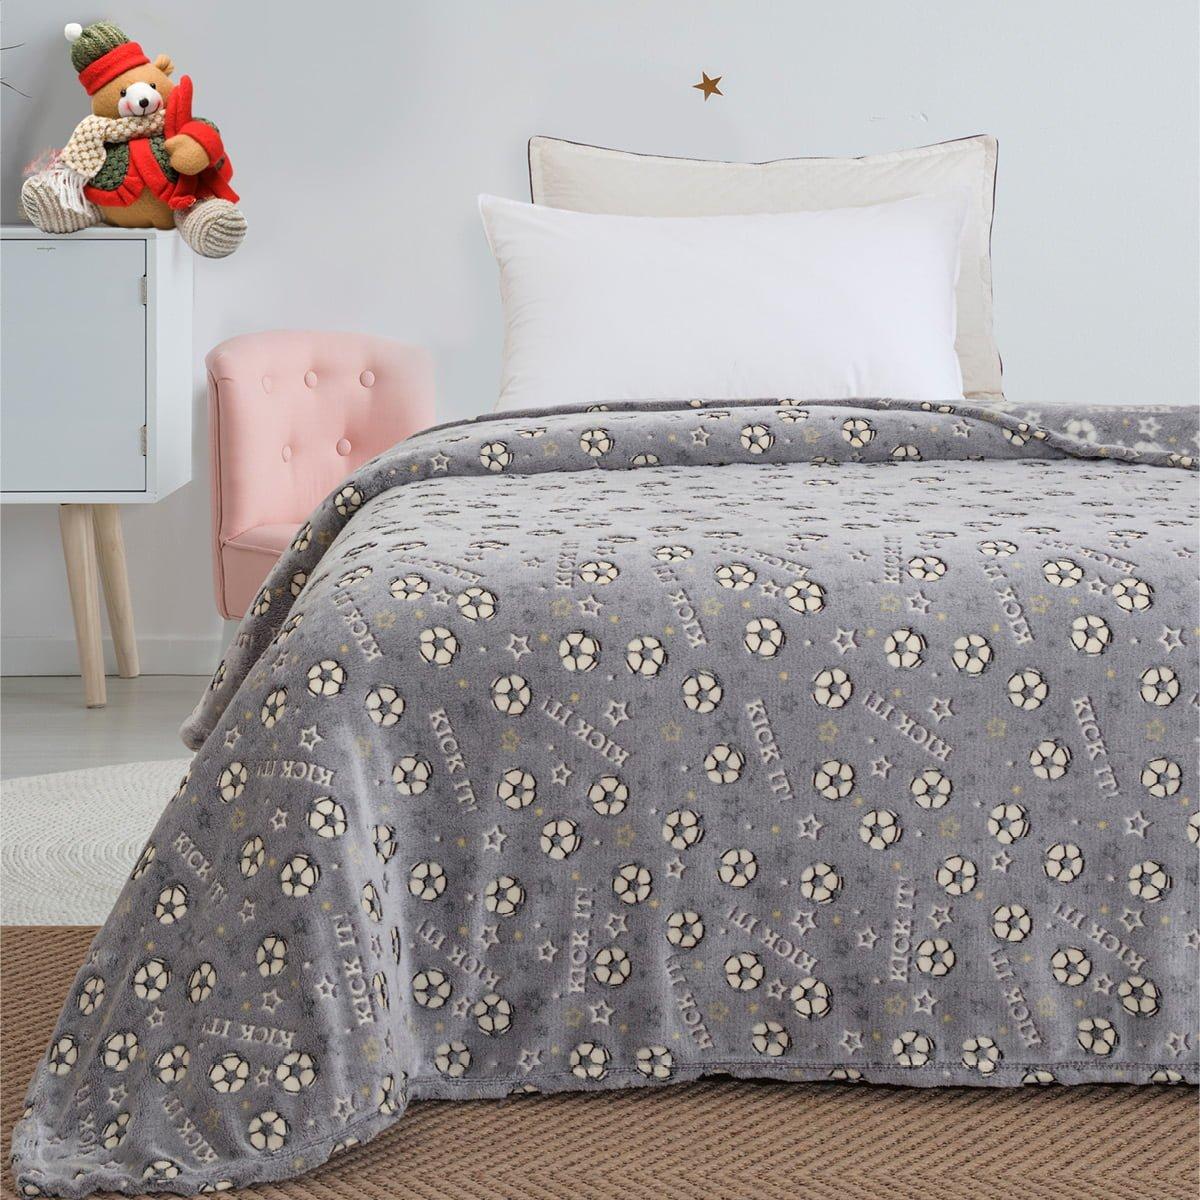 Κουβέρτα μονή φωσφορίζουσα Art 6127  160x220 Γκρι Beauty Home